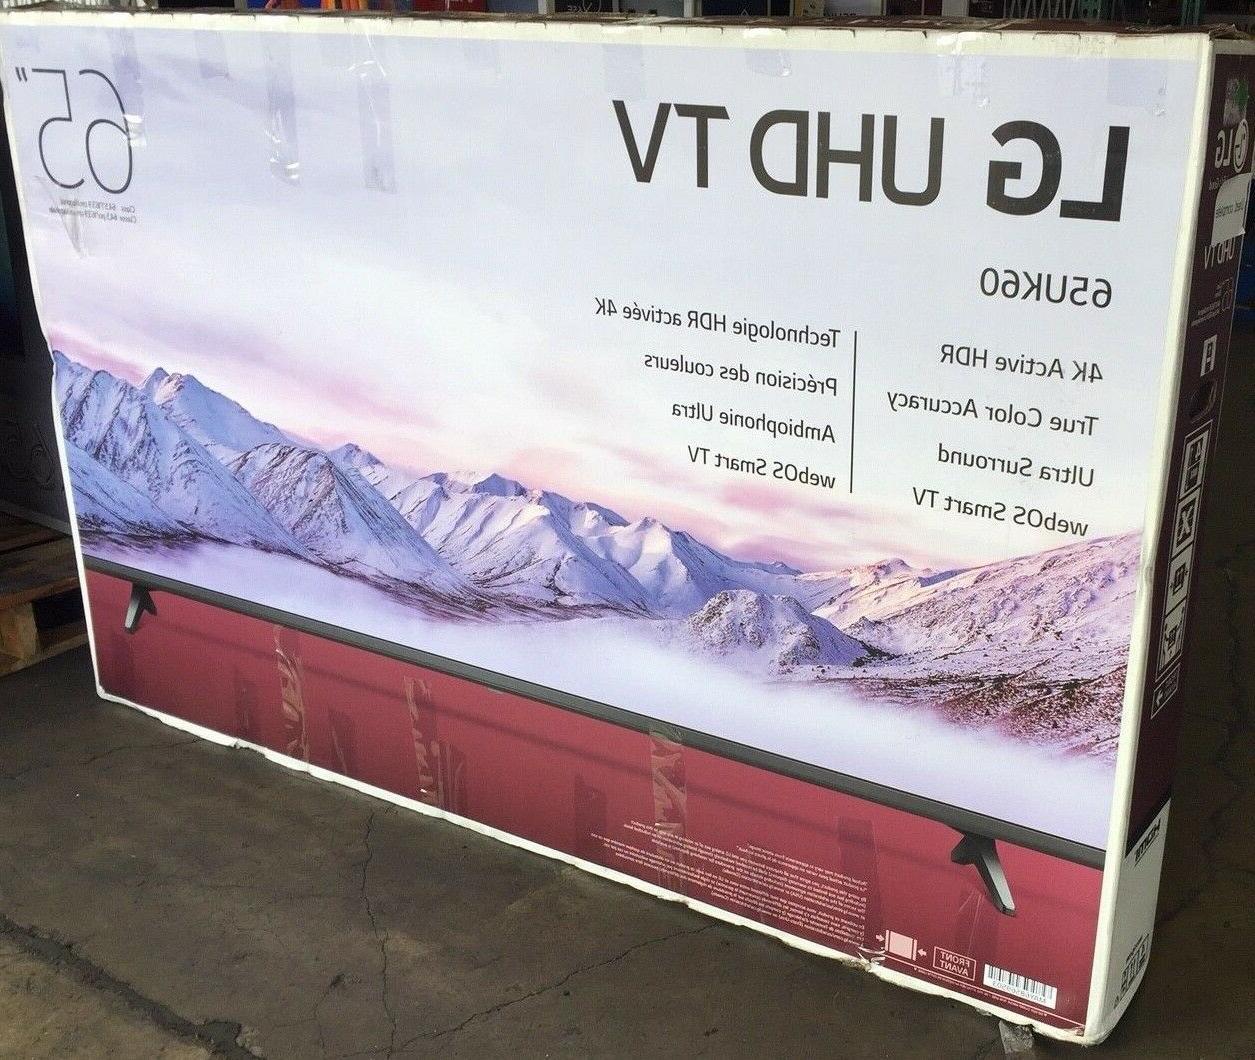 LG 65UK6090PUA LCD webOS TV -